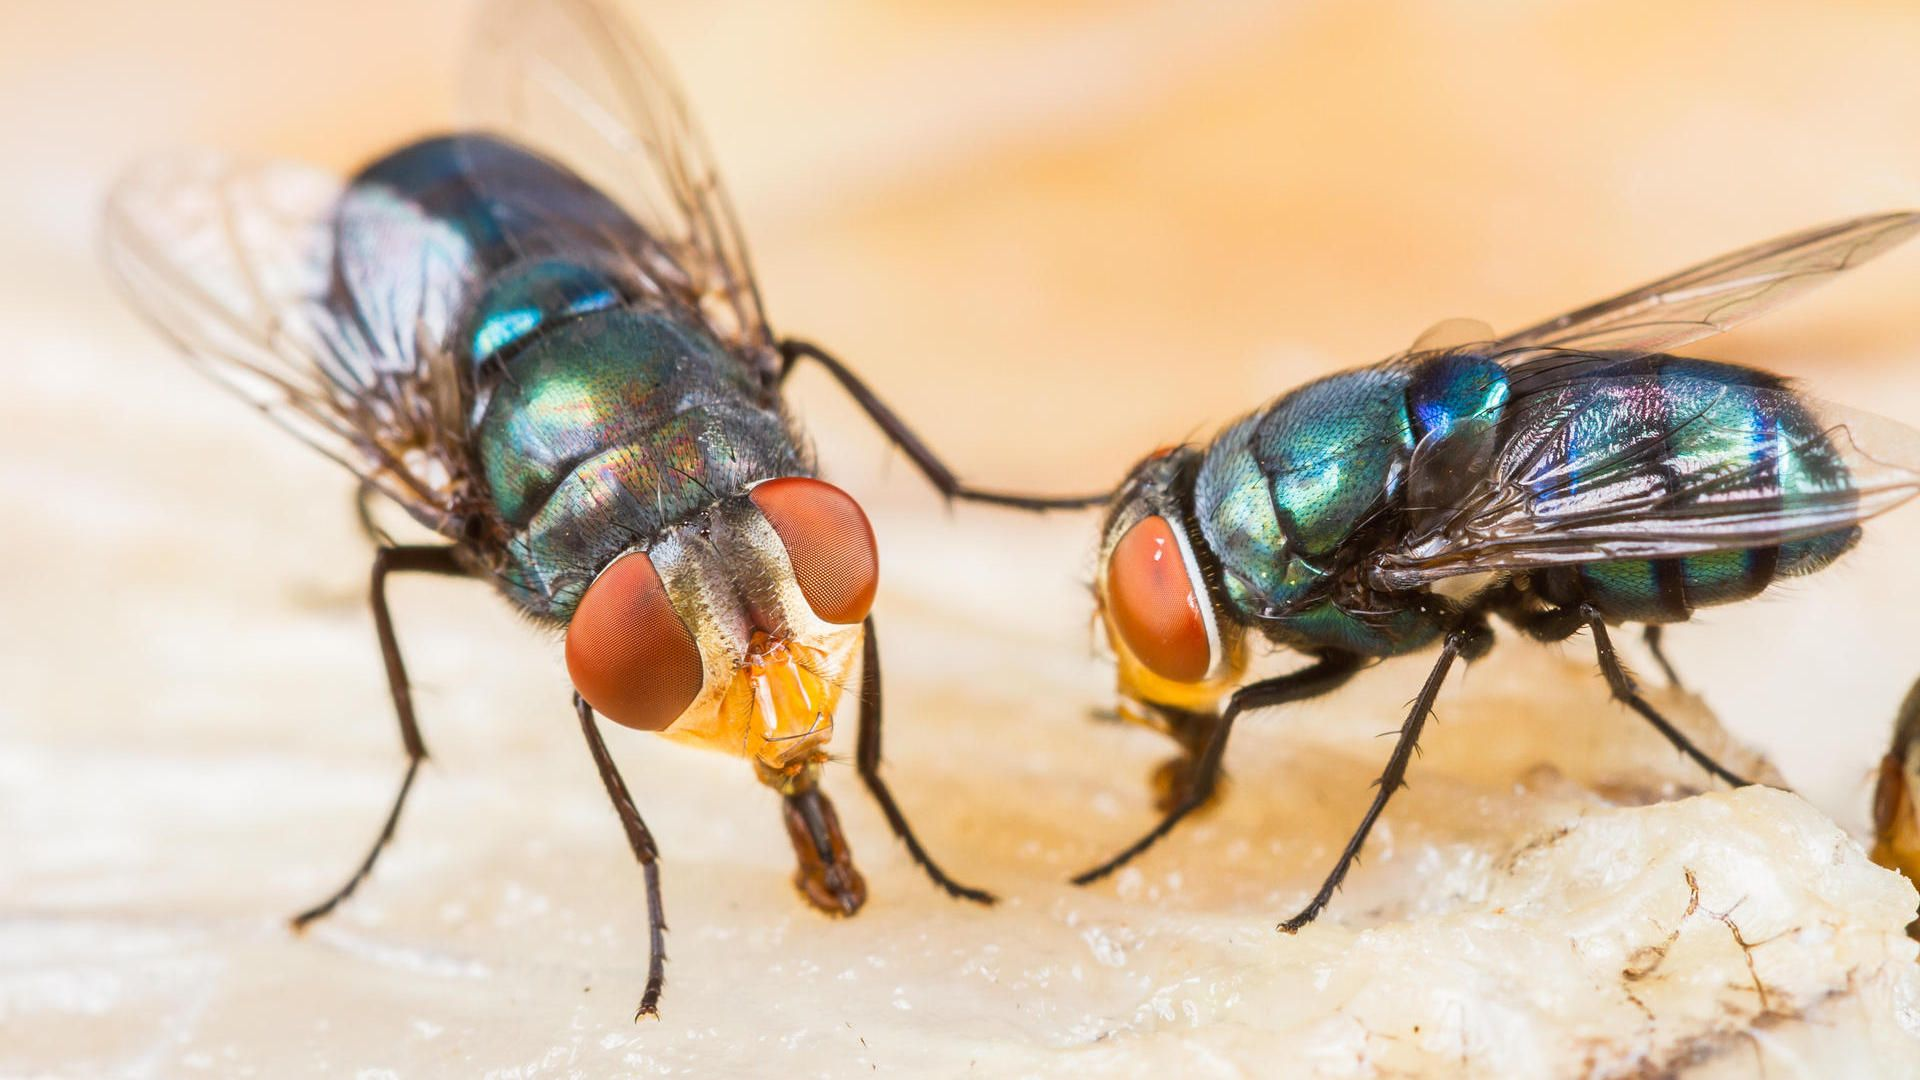 l stige fliegen vertreiben und bek mpfen hausmittel gegen fliegen fliegenfalle und fliegen im